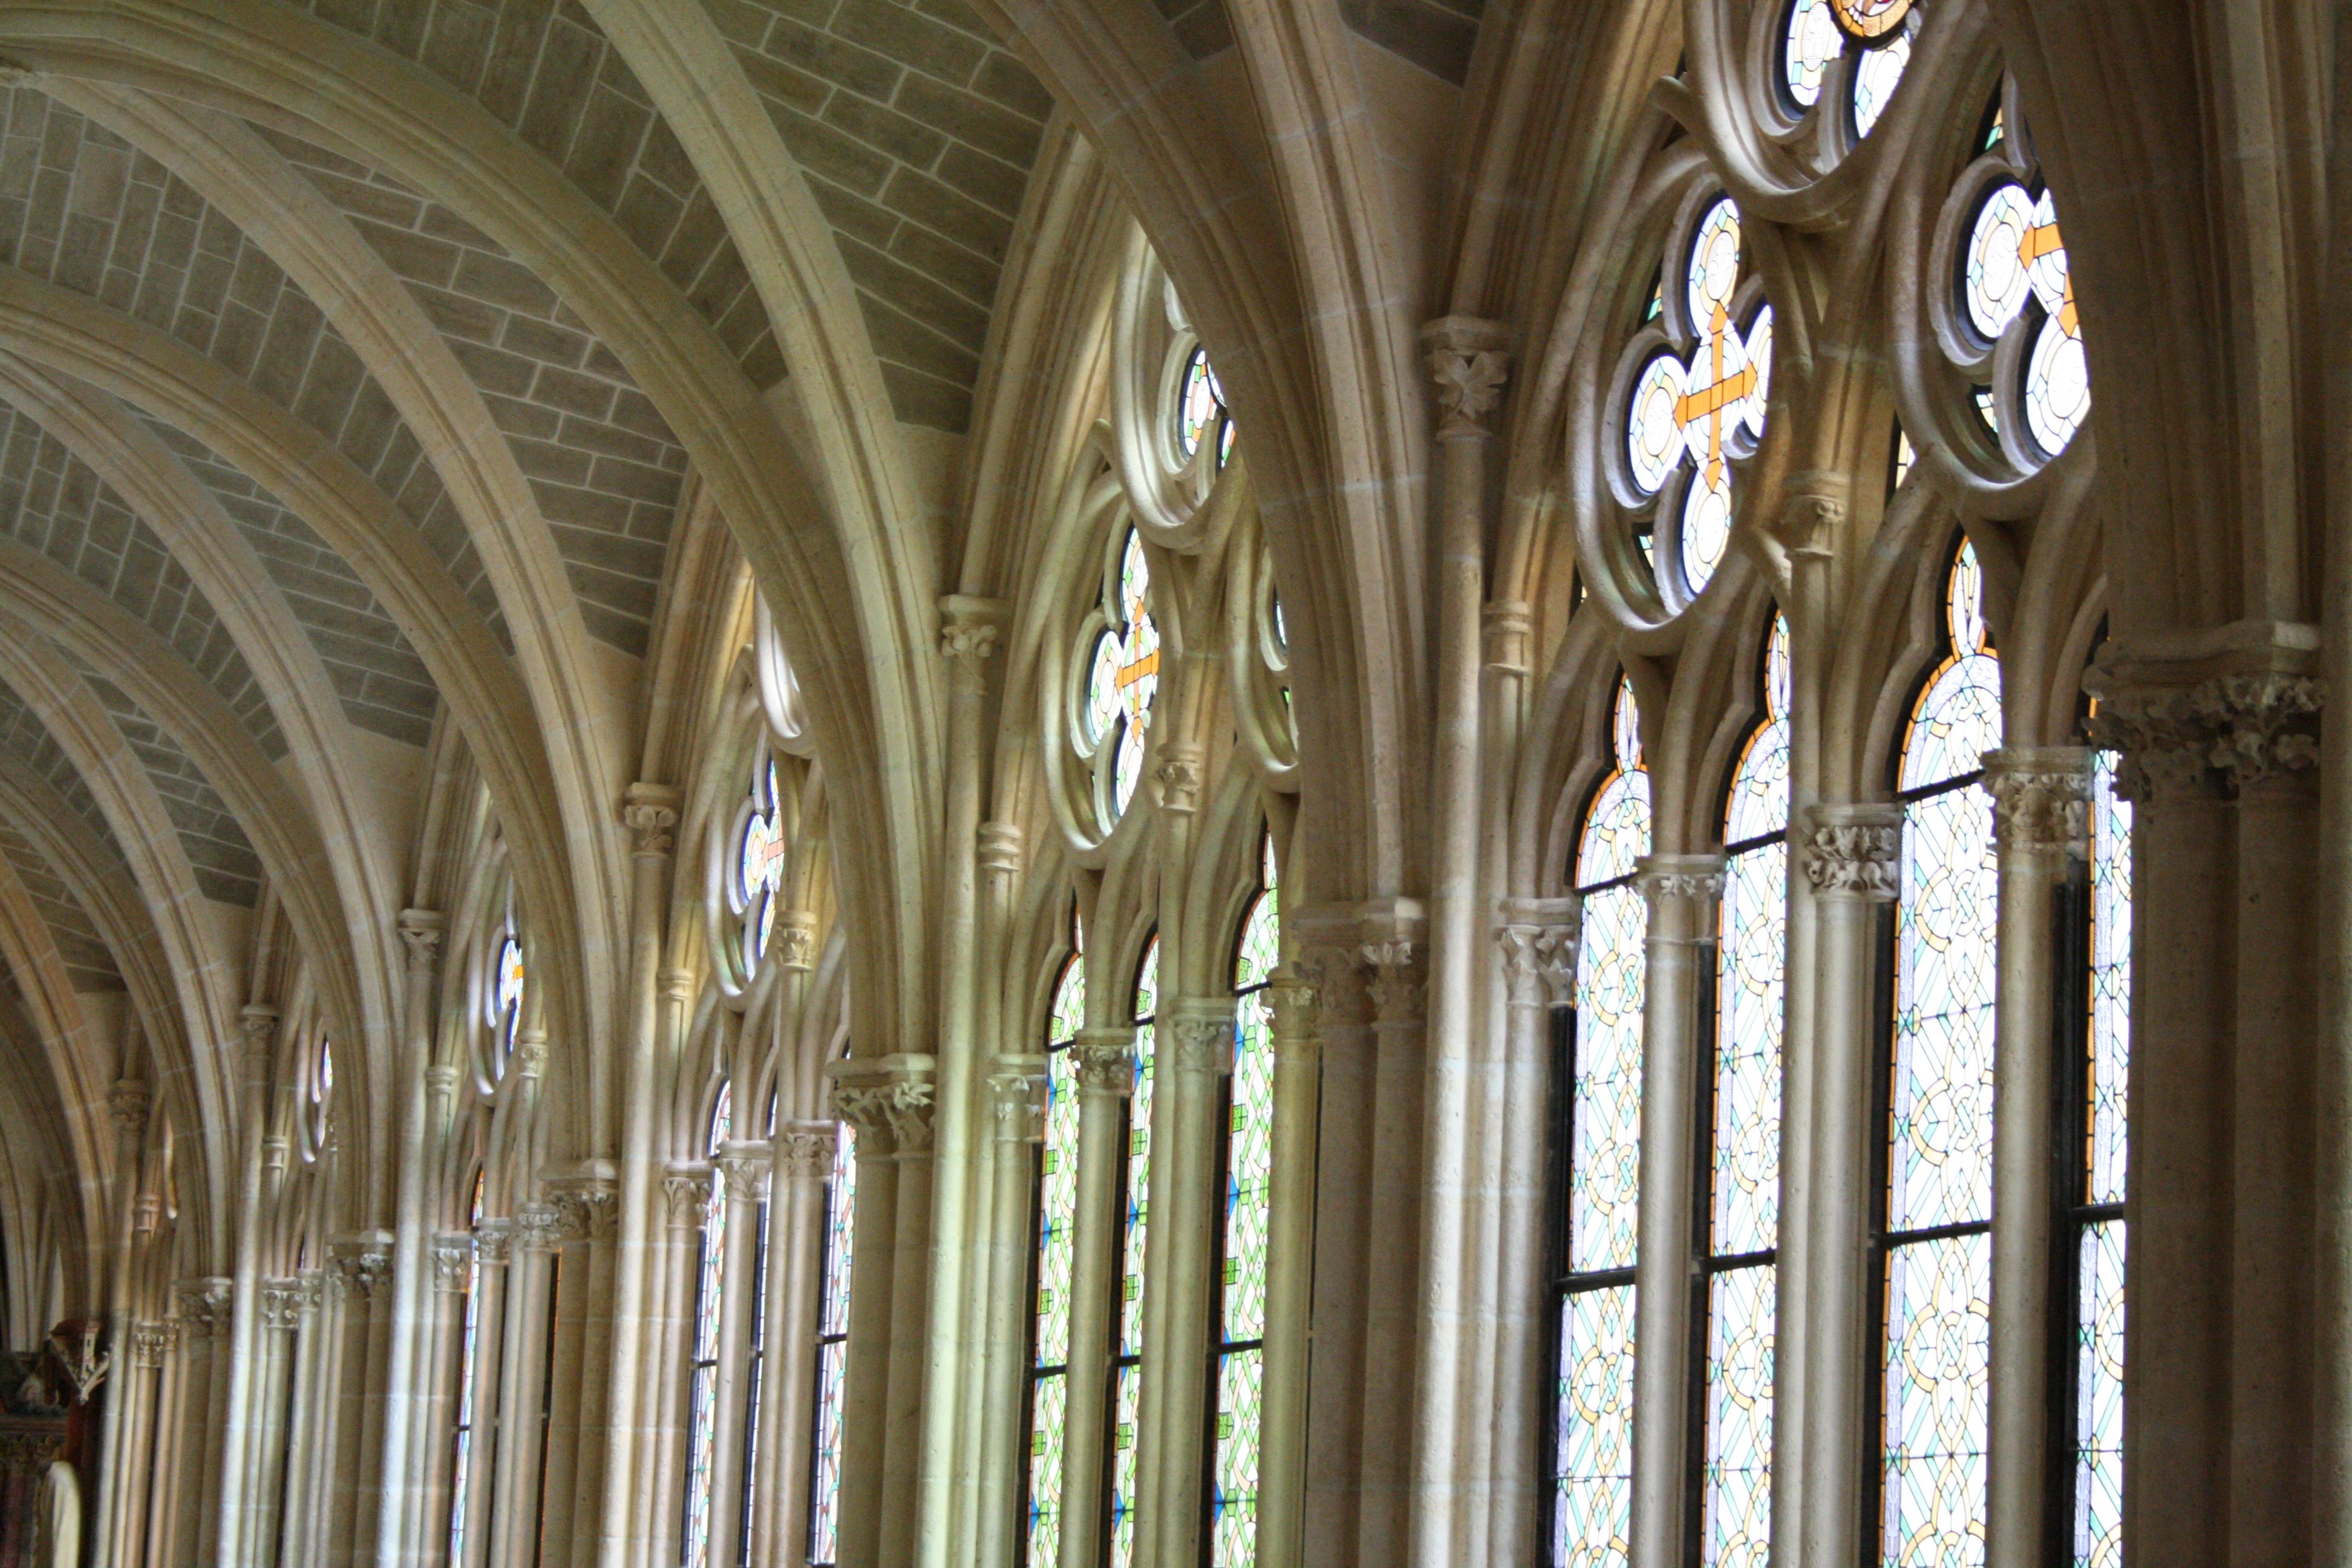 Las vidrieras del claustro son obra del maestro Enrique, quien después cofeccionará las del claustro de la catedral de León.